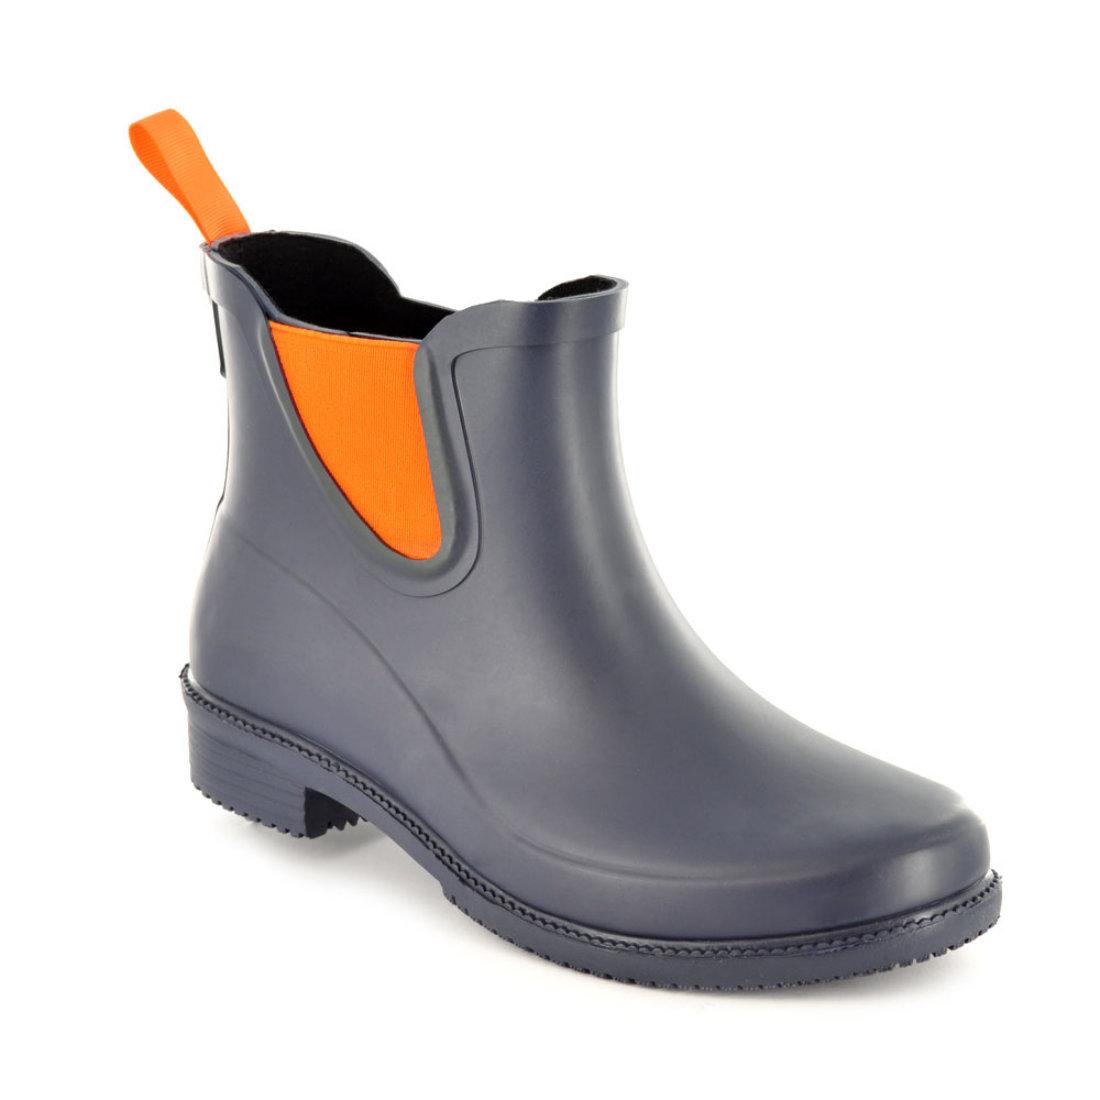 Swims Swims Swims para mujer botas Dora botas de lluvia  echa un vistazo a los más baratos